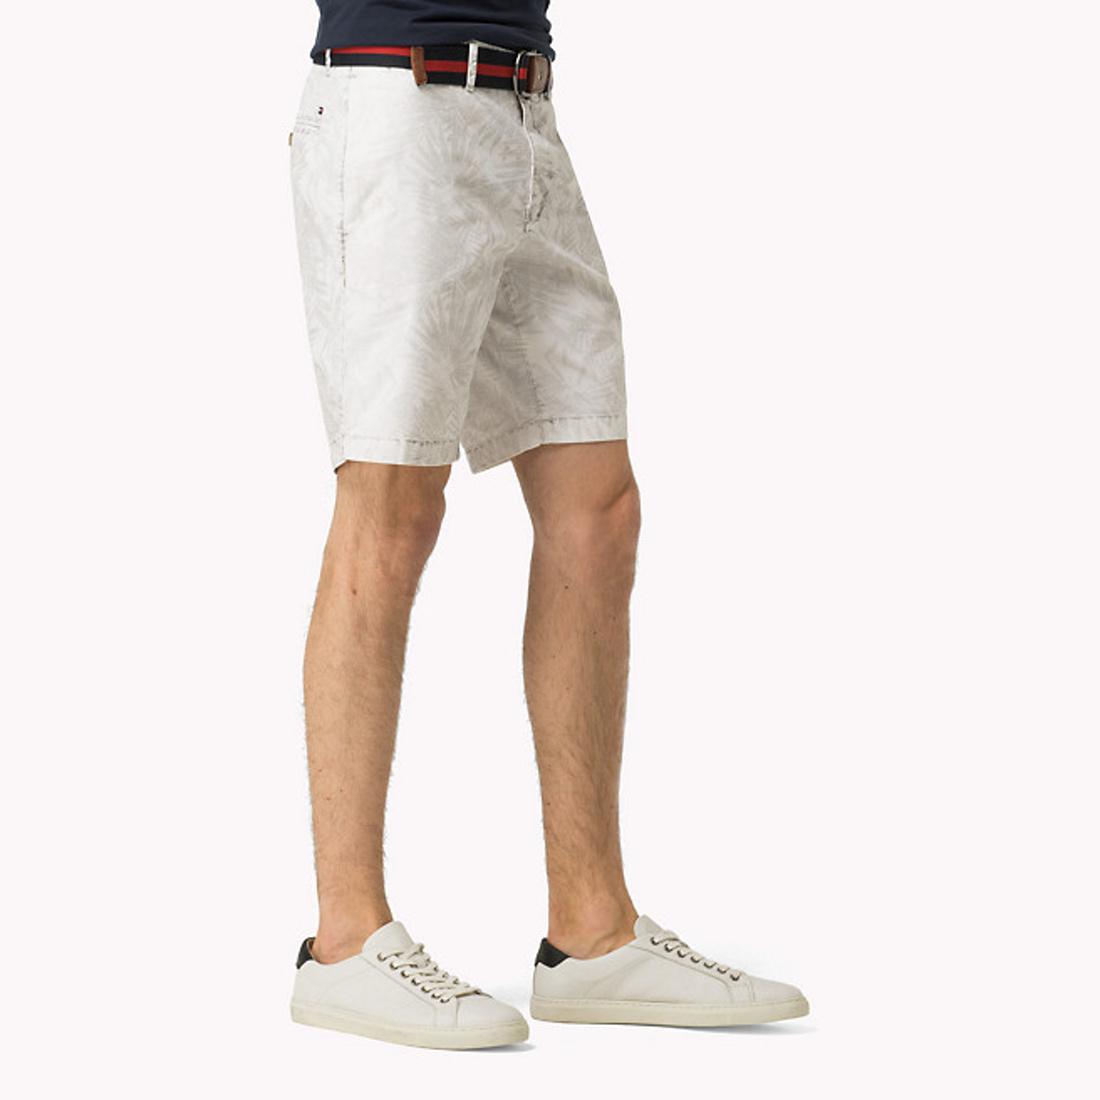 9c45d6ef42 Tommy Hilfiger pánské šortky Brooklyn Short - Mode.cz